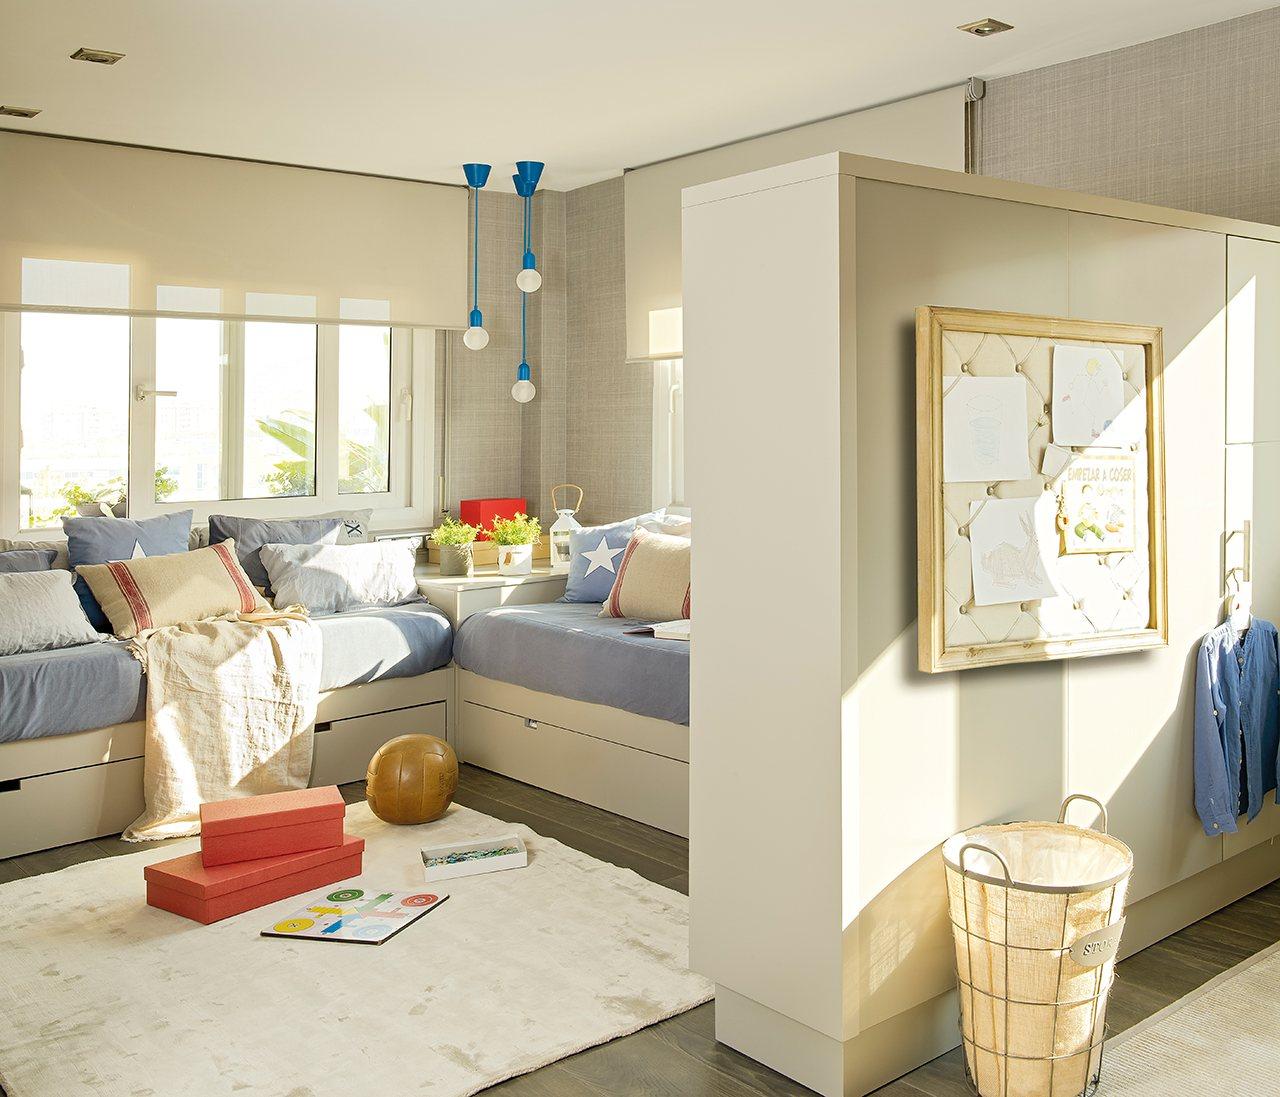 Un cuarto que crece con ellos - Dormitorios juveniles el mueble ...